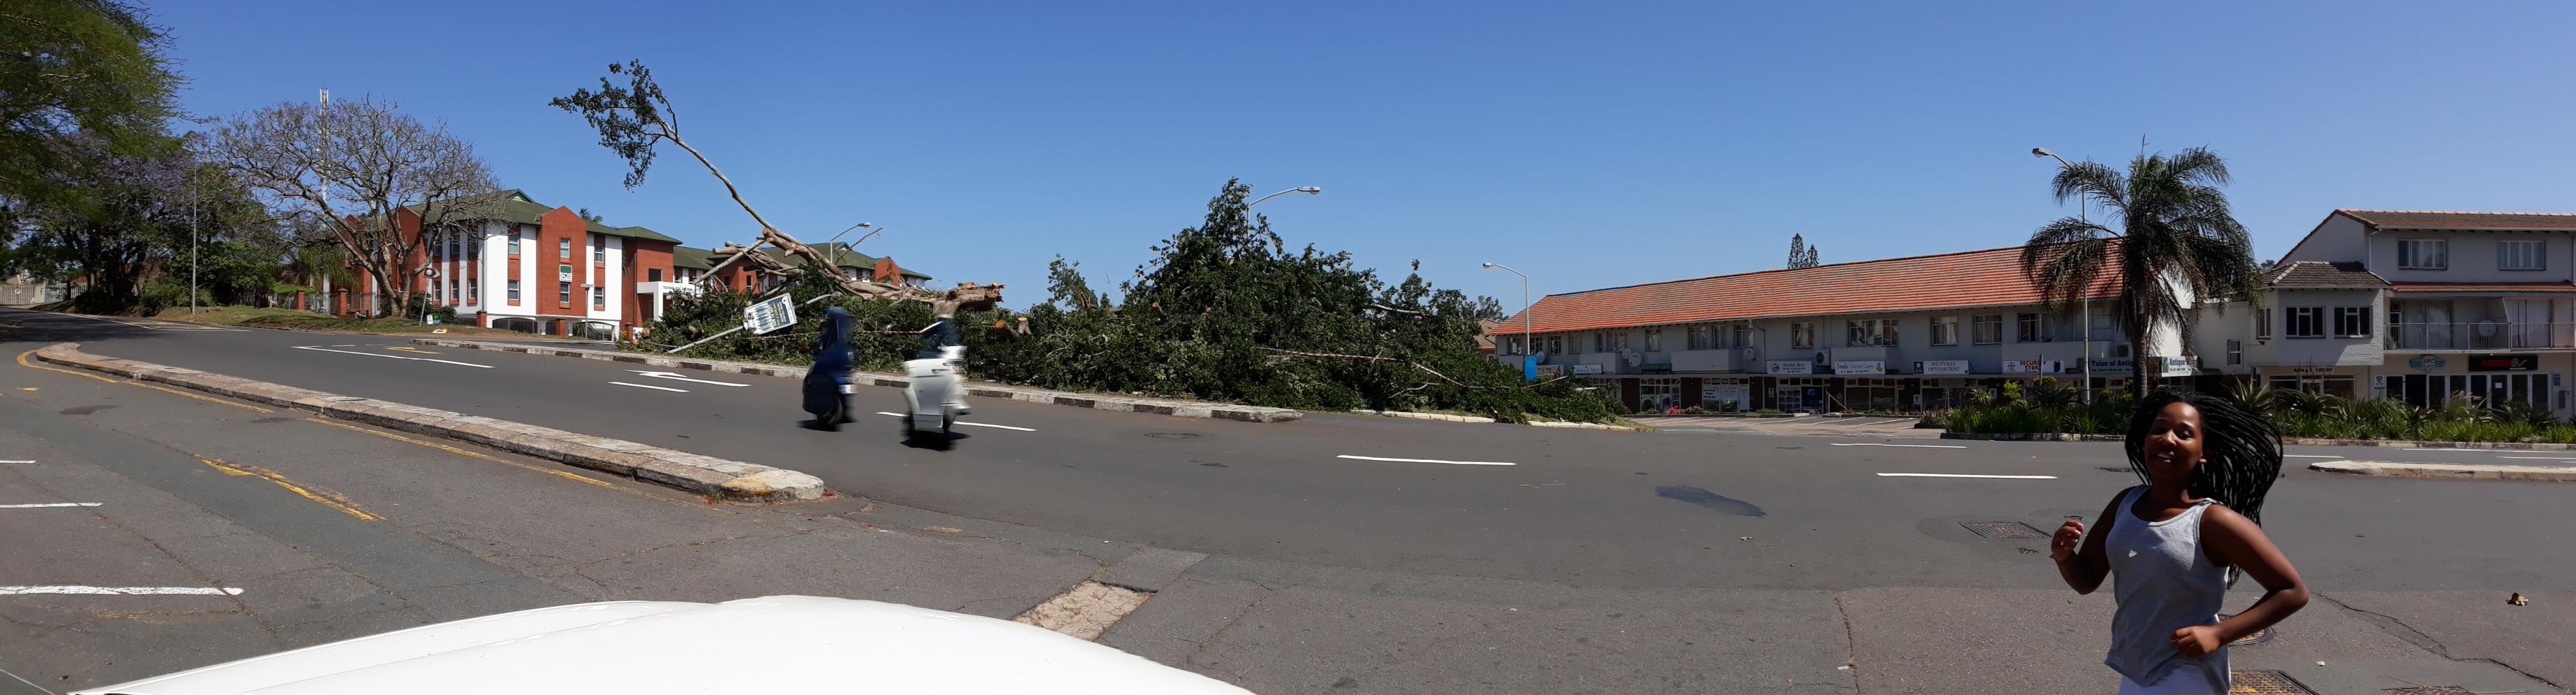 Fig tree fallen Sindi running